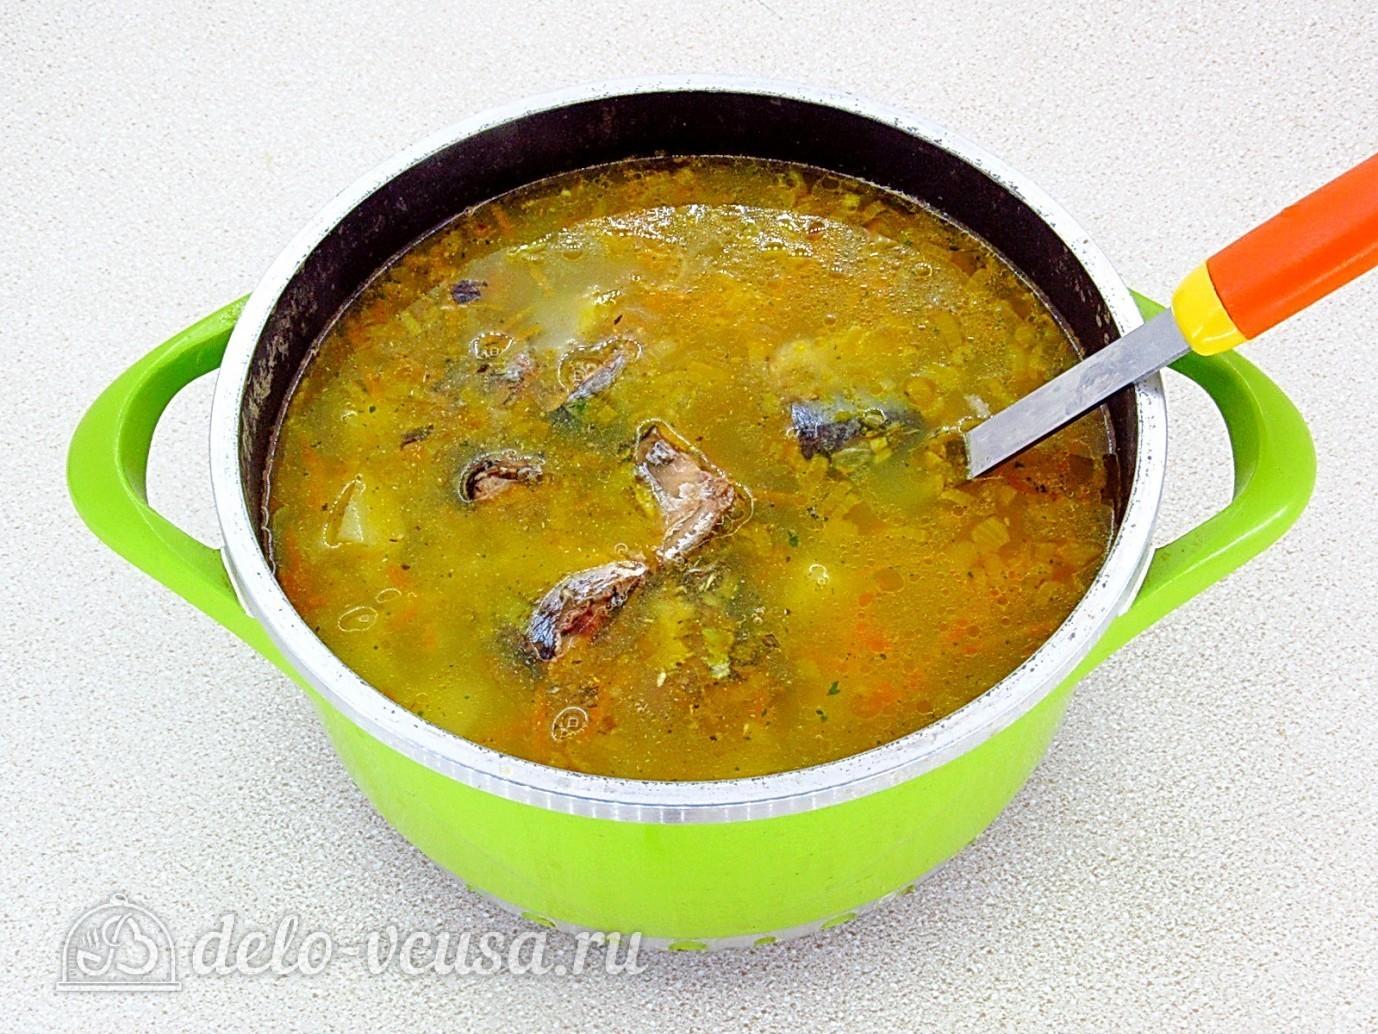 рецепт суп с консервой и рисом рецепт с фото пошагово в кастрюле